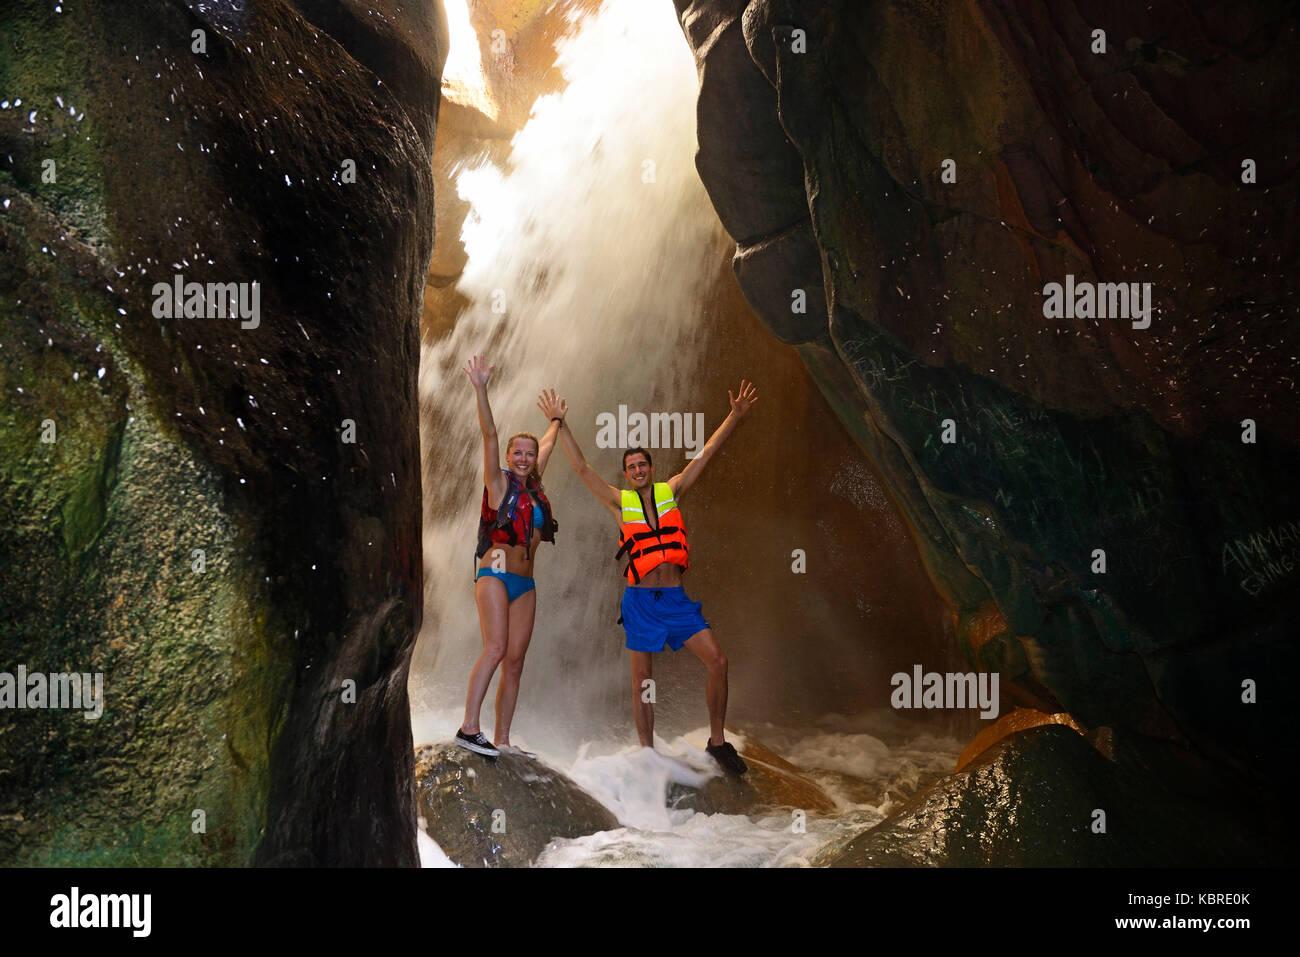 Coppia giovane sotto la cascata presso il Canyon di Wadi Mujib, Giordania Immagini Stock